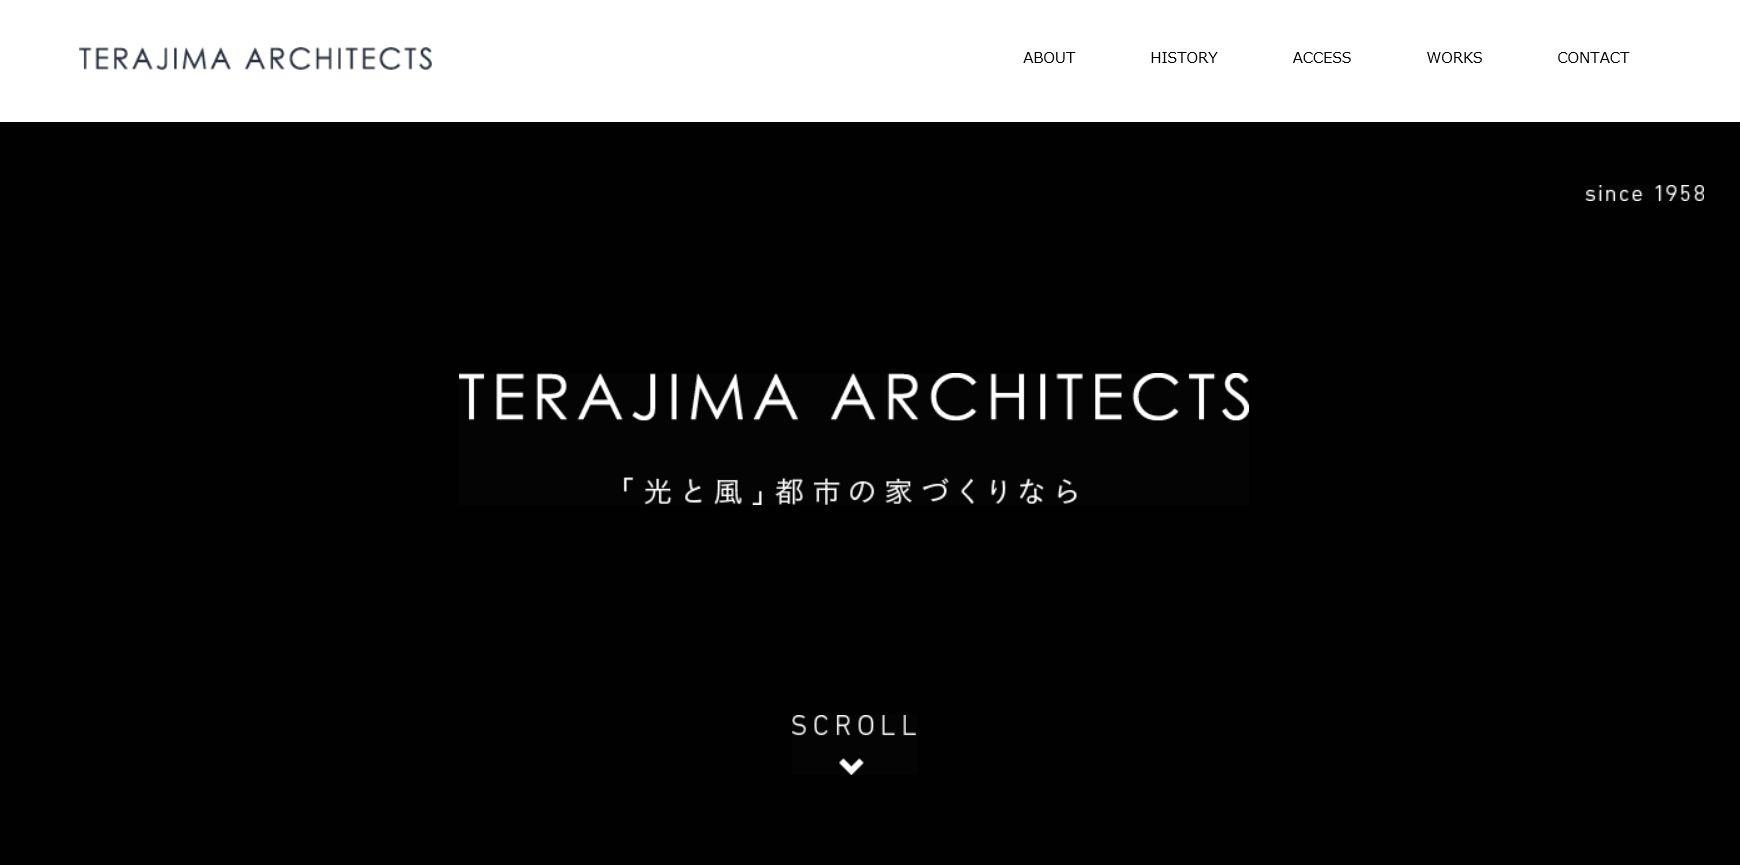 第30位 テラジマアーキテクツ